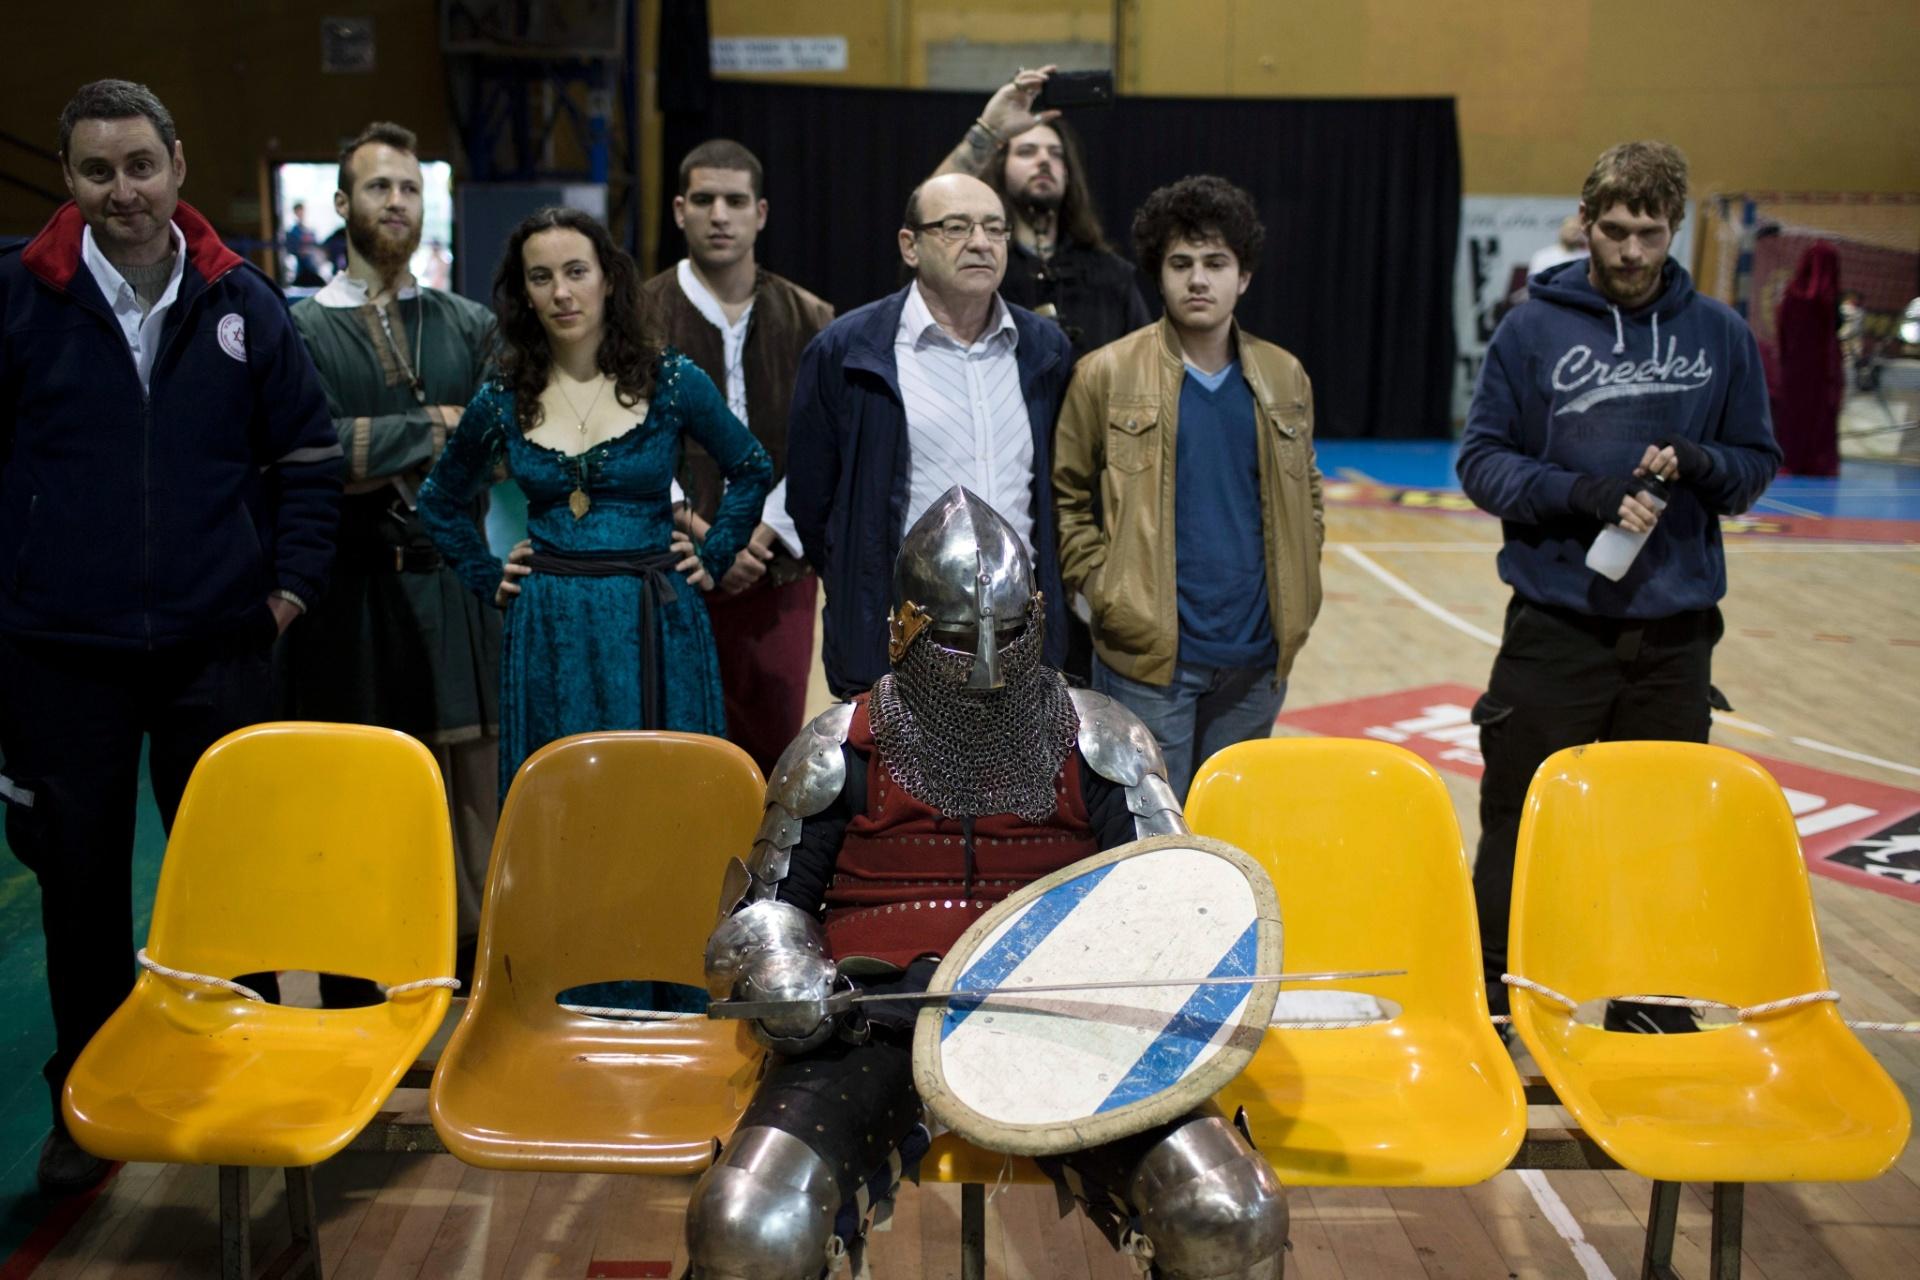 23.jan.2016 - O evento, logicamente, leva a cenas curiosas como esta: uma pessoa vestida de cavaleiro aguarda sua vez sentada em um banco, junto a pessoas comuns e outras com trajes históricos